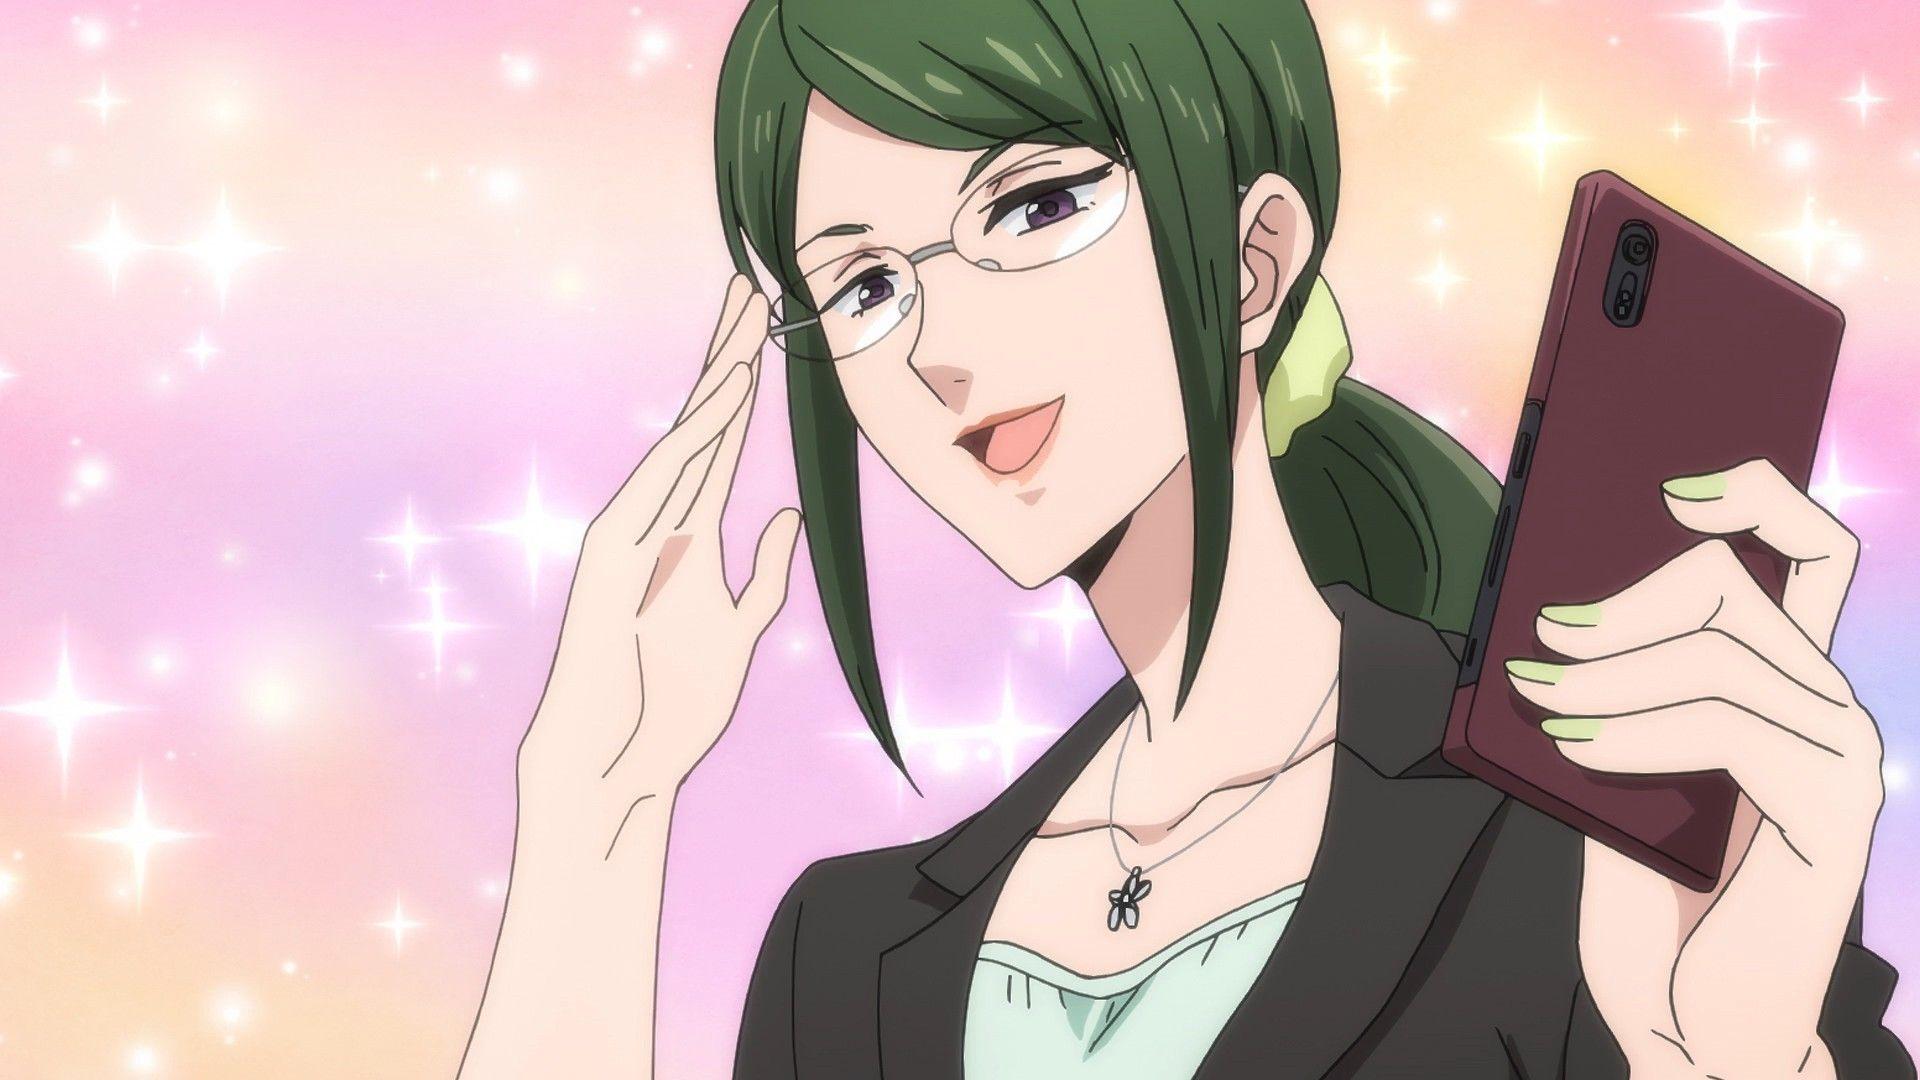 Koyanagi Hanako Wotaku Ni Koi Wa Muzukashii Anime Group Anime